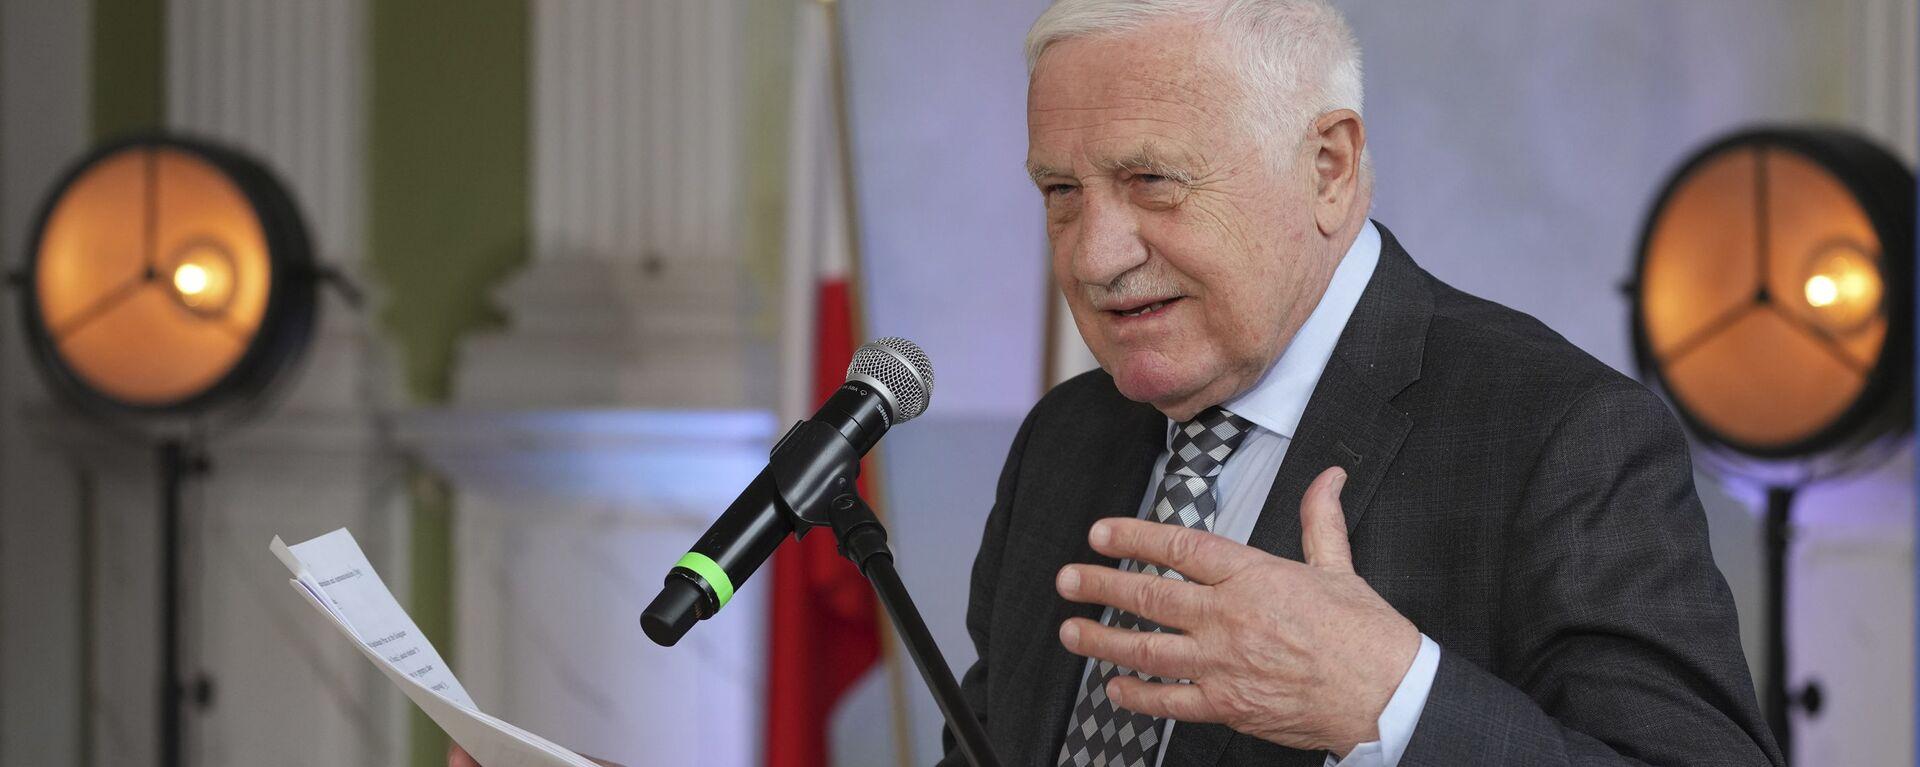 Bývalý český prezident Václav Klaus vystupuje na konferenci ve Varšavě - Sputnik Česká republika, 1920, 16.08.2021